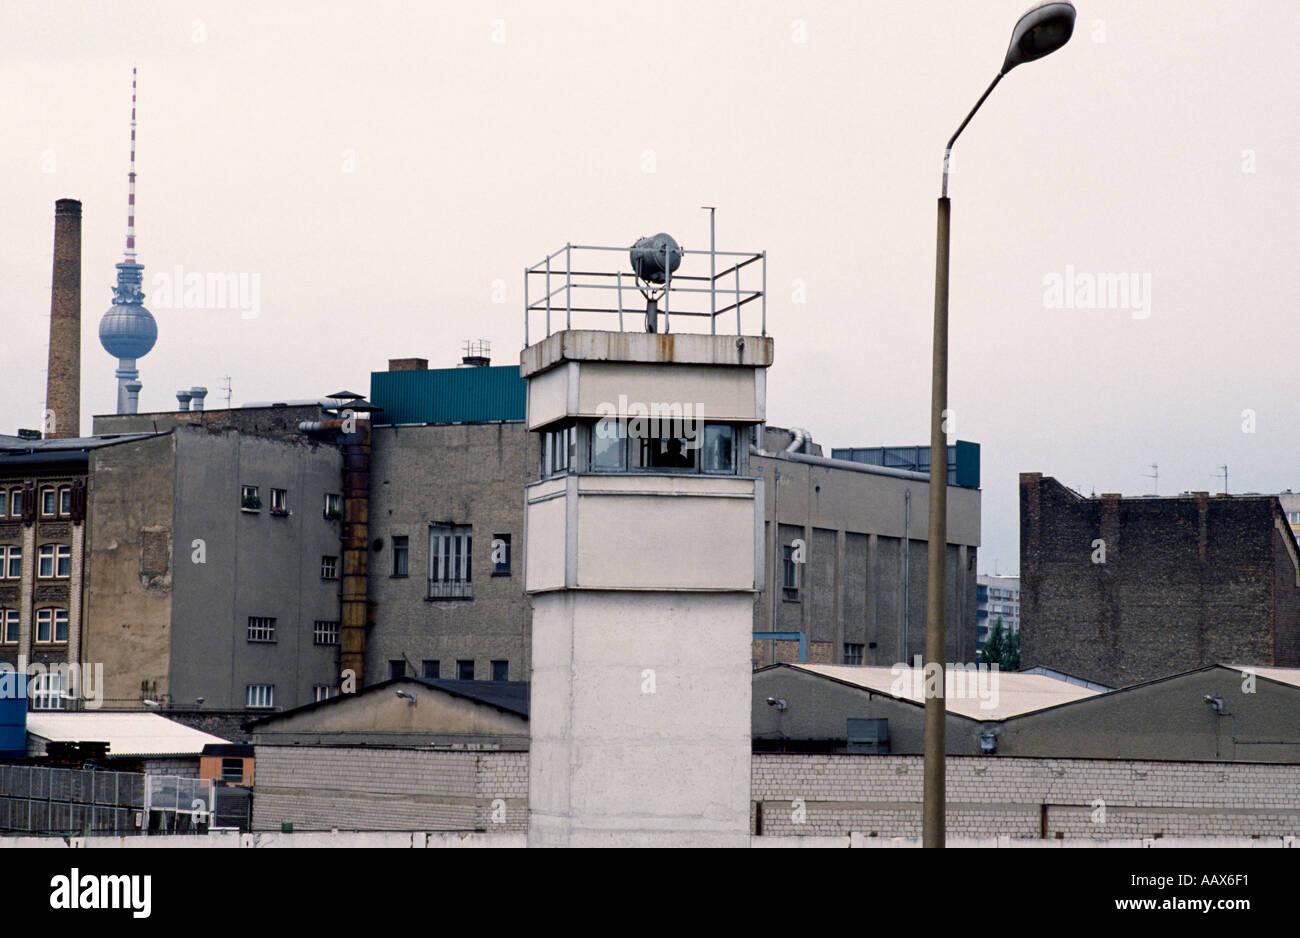 Europäische Geschichte. Die historische Mauer und Wachturm in West-Berlin in Deutschland in Europa während des Kalten Krieges. Stockbild